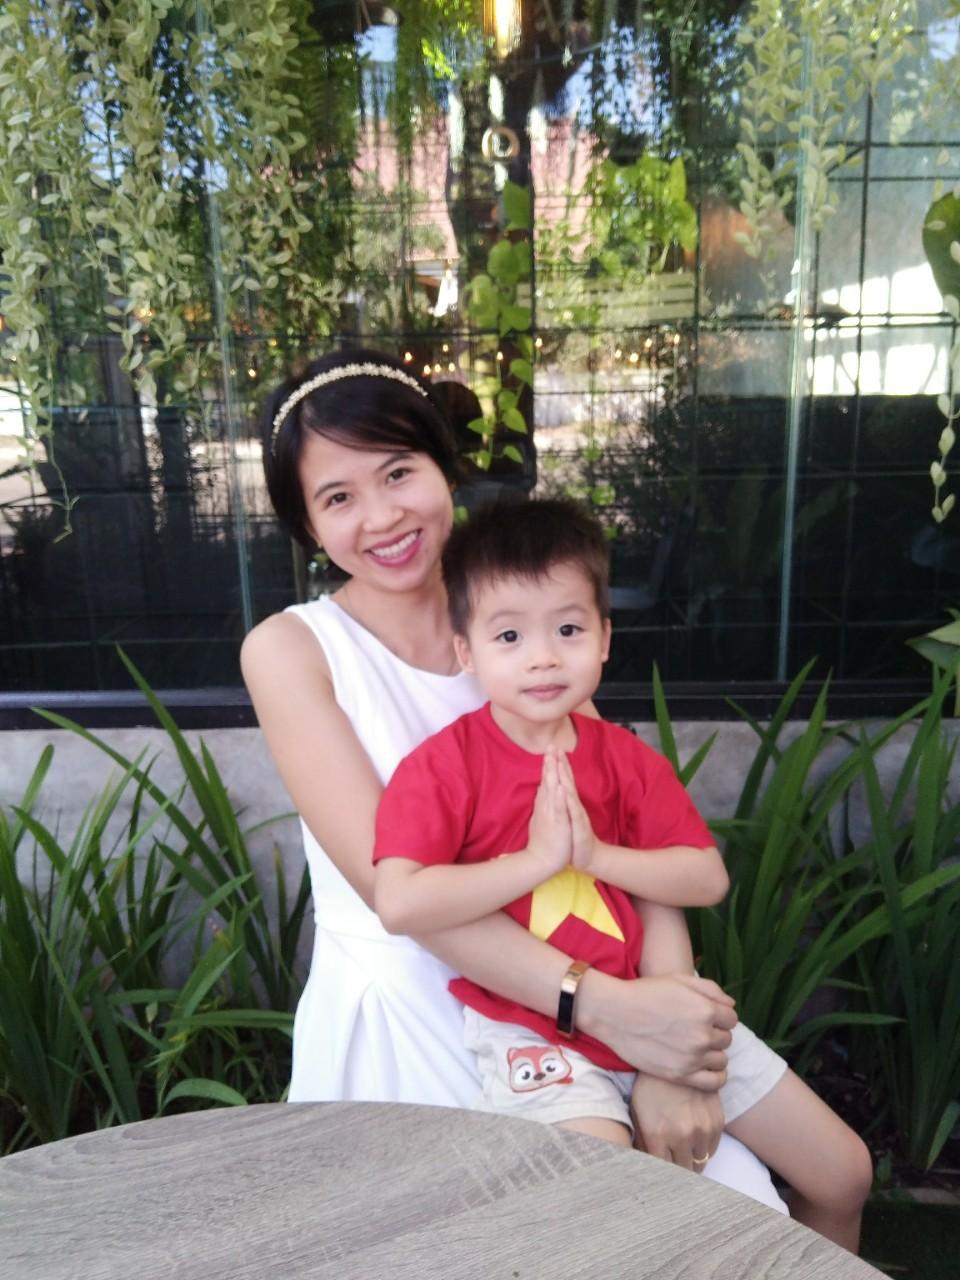 Mẹ Việt quyết định không cai sữa, cho con bú mẹ vô thời hạn vì không muốn con phải chịu những tổn thương nặng nề này - Ảnh 6.